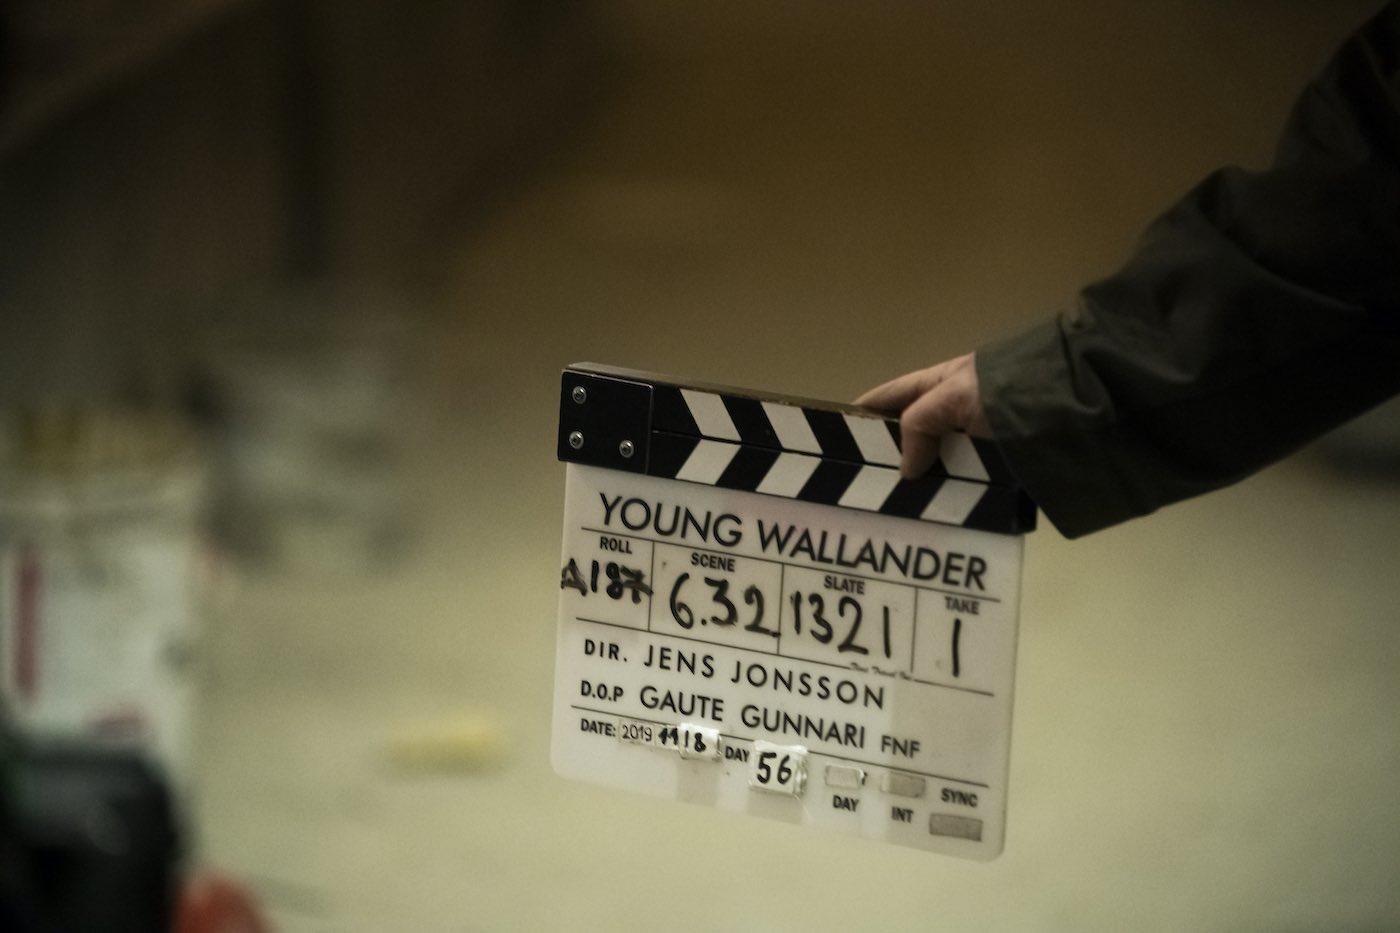 Young Wallander Staffel 1, Schwedische Serie, Schweden Serien Henning Mankell, Netflix